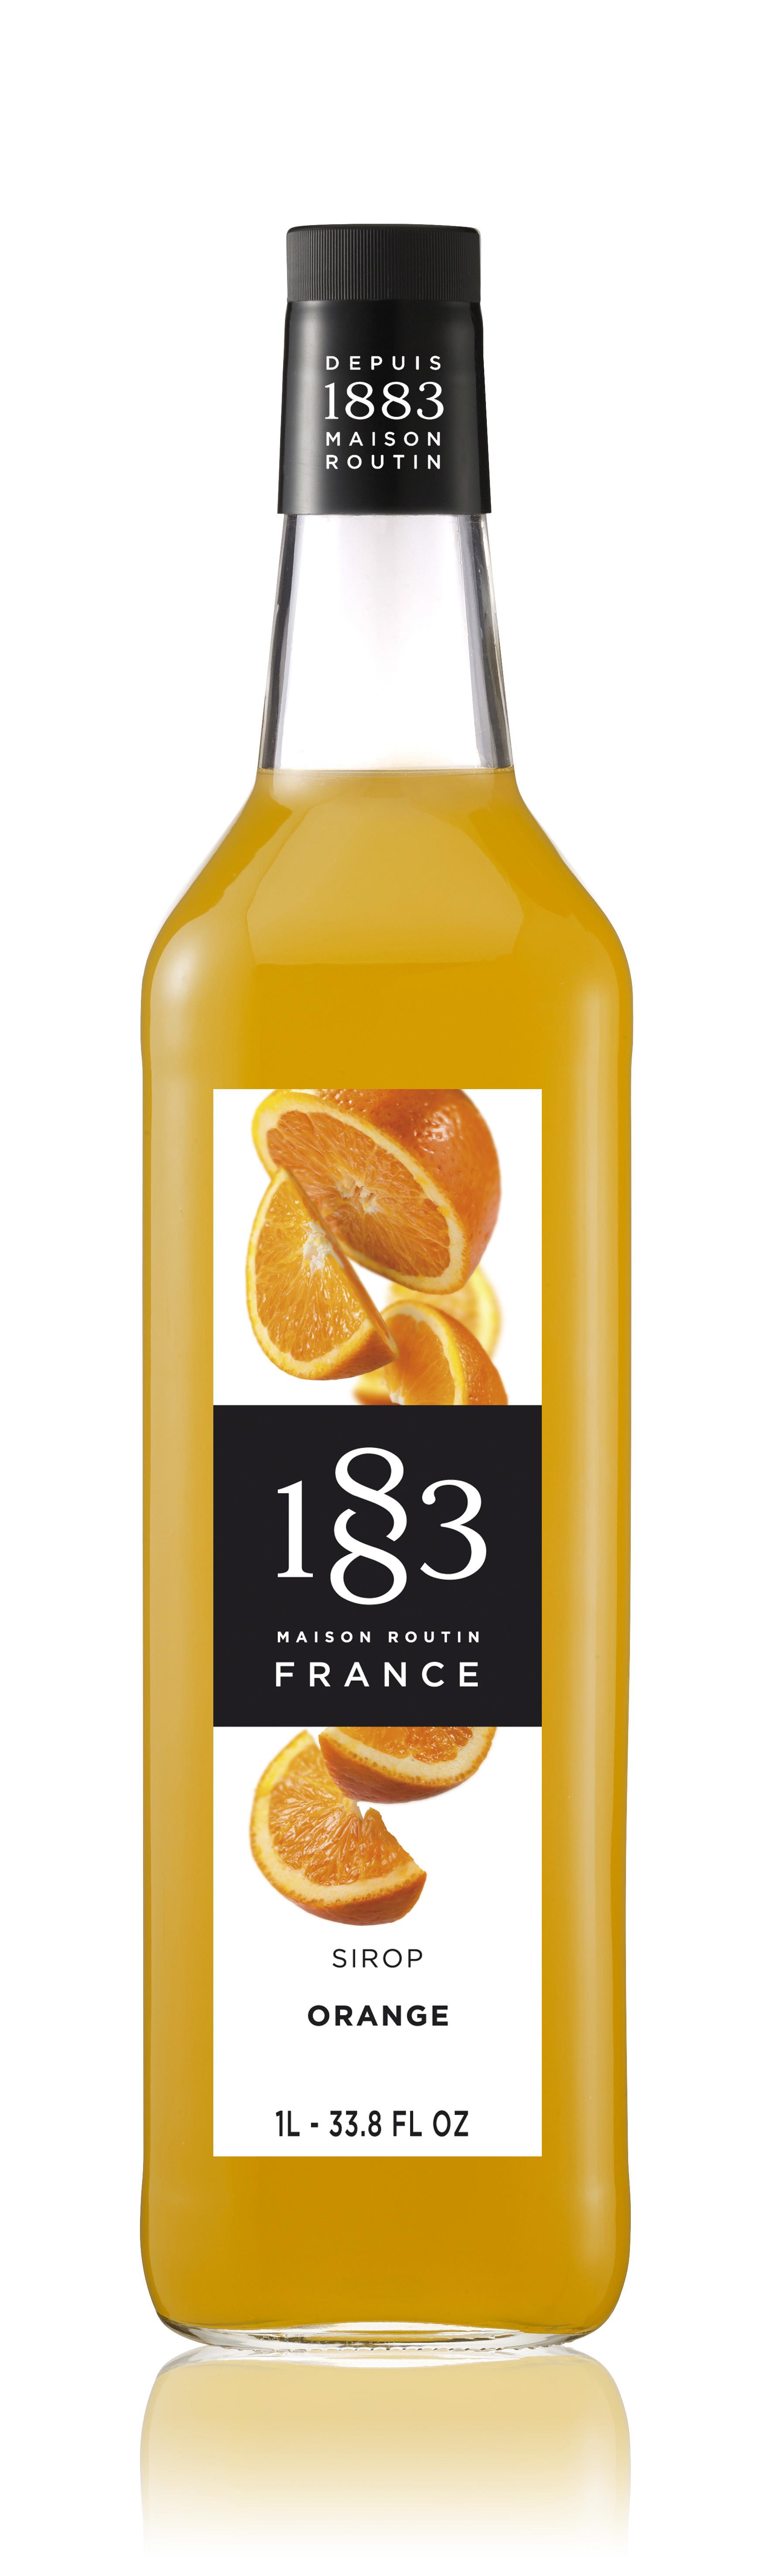 1883 Syrup Orange 1L Glass Bottle